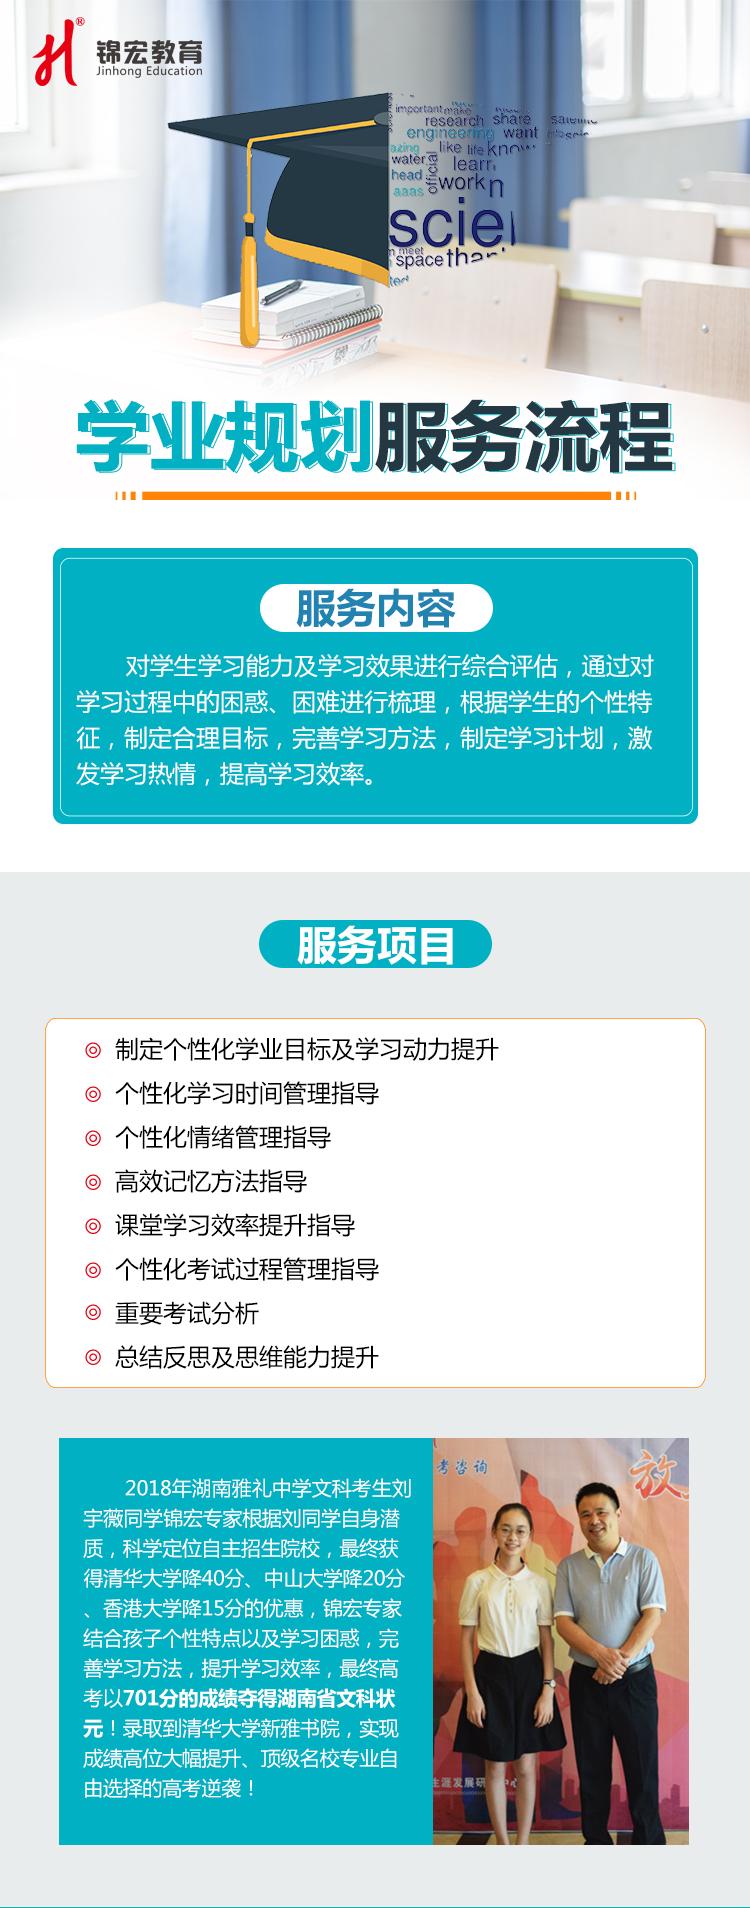 学业规划网站图片.jpg